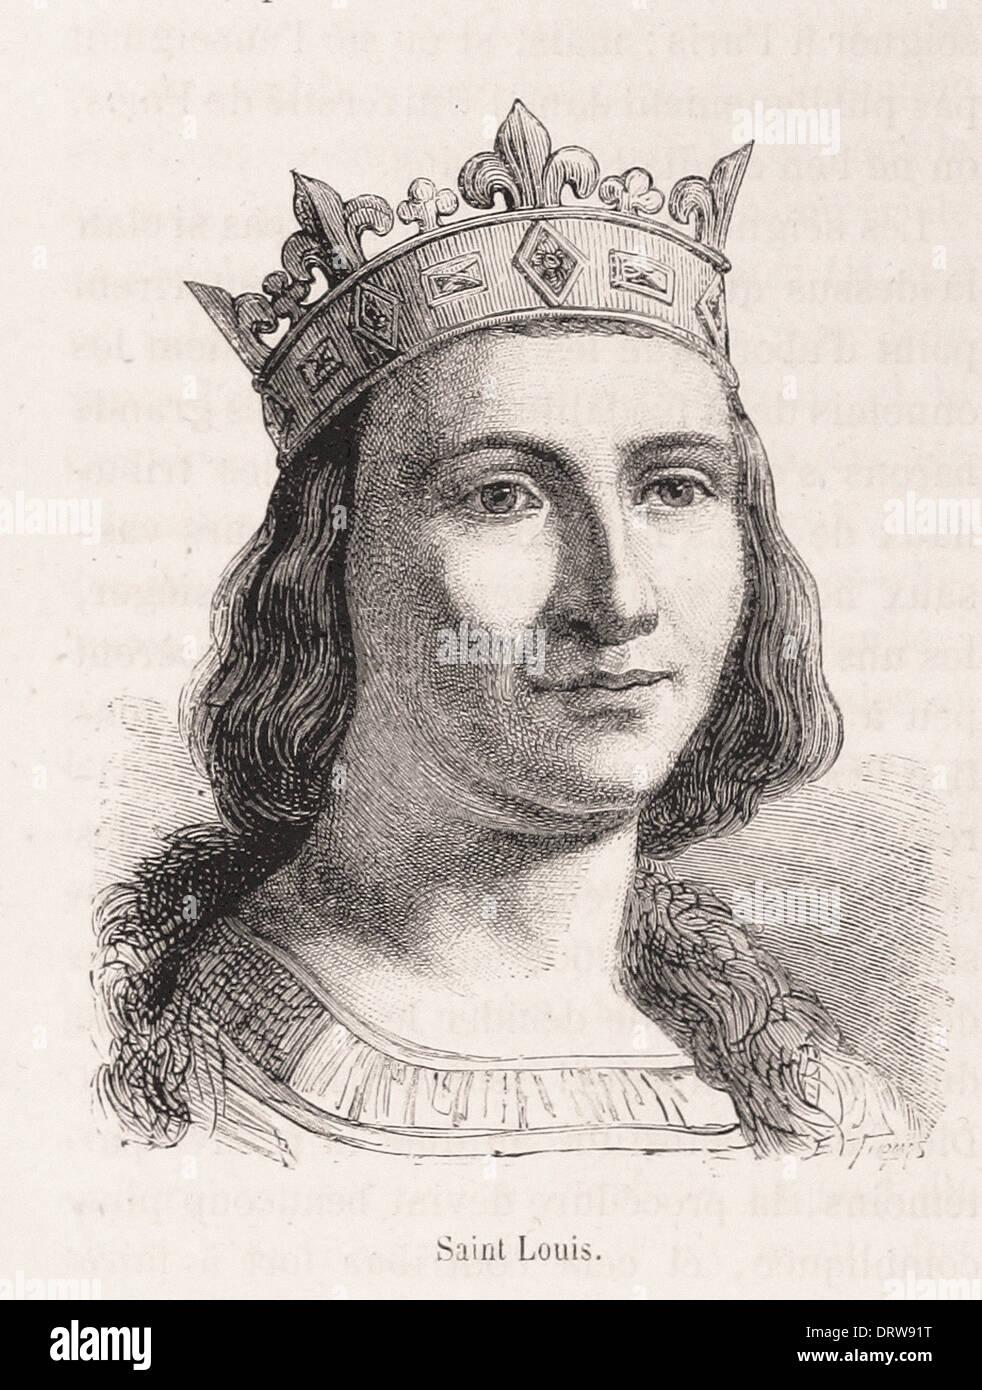 Retrato de San Luis, rey de Francia - Grabado francés del siglo XIX. Foto de stock